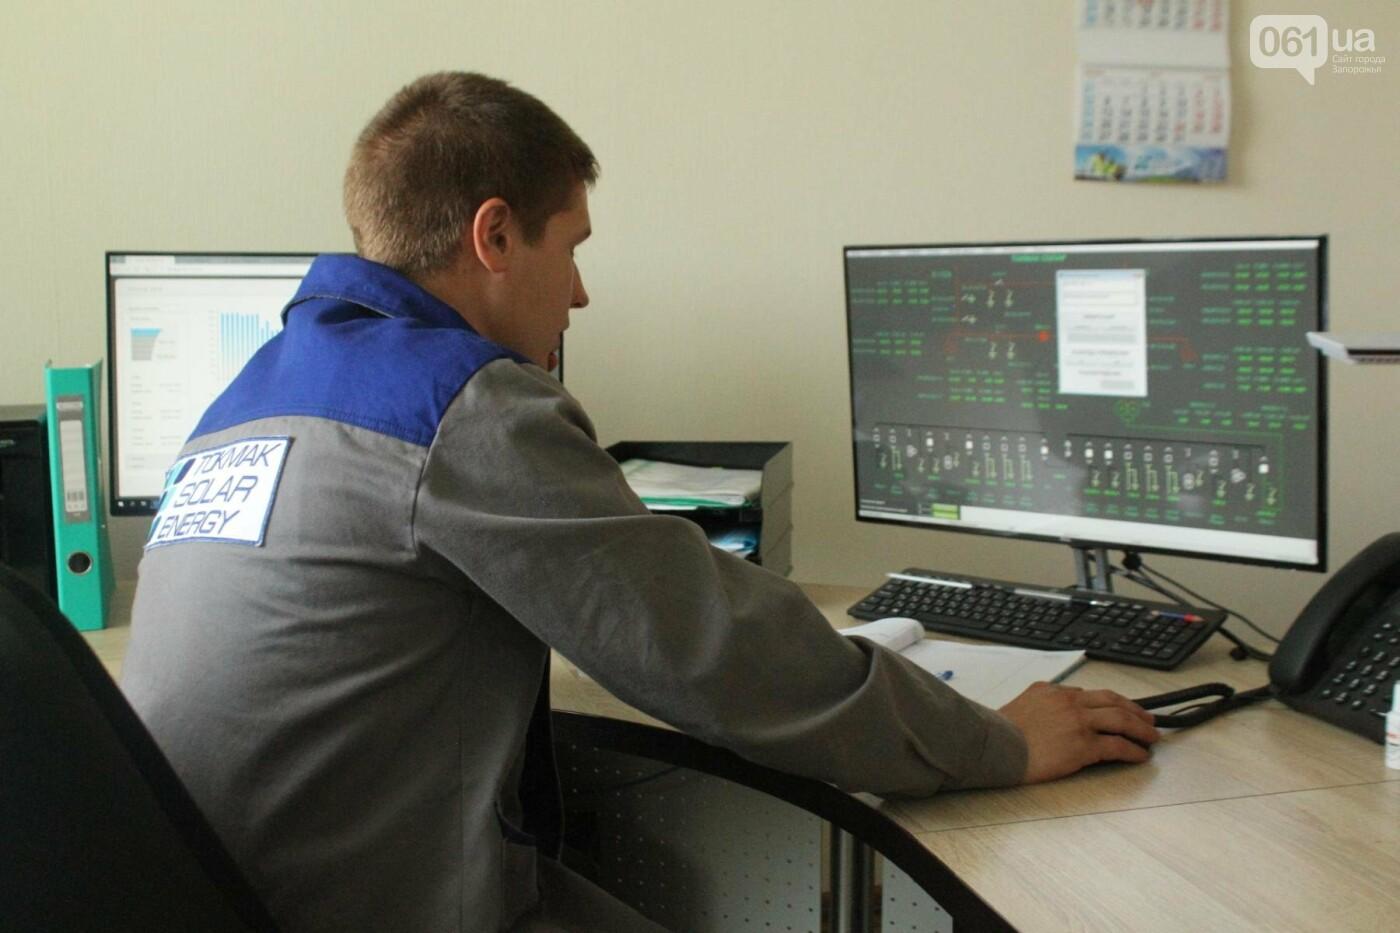 Как в Запорожской области работает крупнейшая в Украине солнечная станция: экскурсия на производство, — ФОТОРЕПОРТАЖ, фото-39